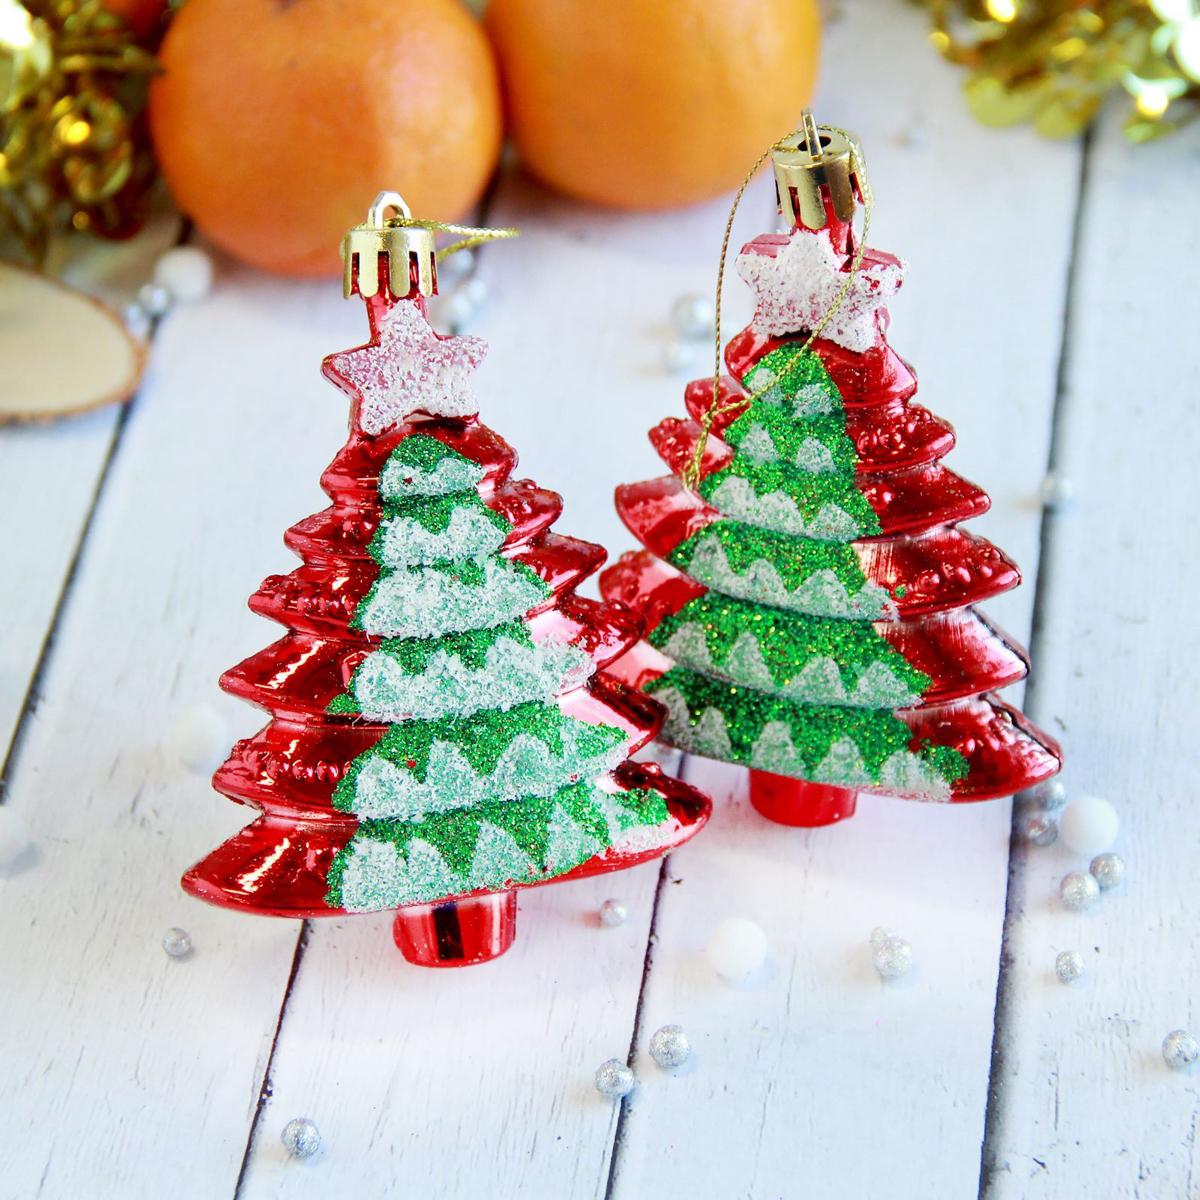 Набор новогодних подвесных украшений Елки-ступеньки, 7 х 8,5 см, 4 шт2371351Набор новогодних подвесных украшений отлично подойдет для декорации вашего дома и новогодней ели. С помощью специальной петельки украшение можно повесить в любом понравившемся вам месте. Но, конечно, удачнее всего оно будет смотреться на праздничной елке.Елочная игрушка - символ Нового года. Она несет в себе волшебство и красоту праздника. Такое украшение создаст в вашем доме атмосферу праздника, веселья и радости.